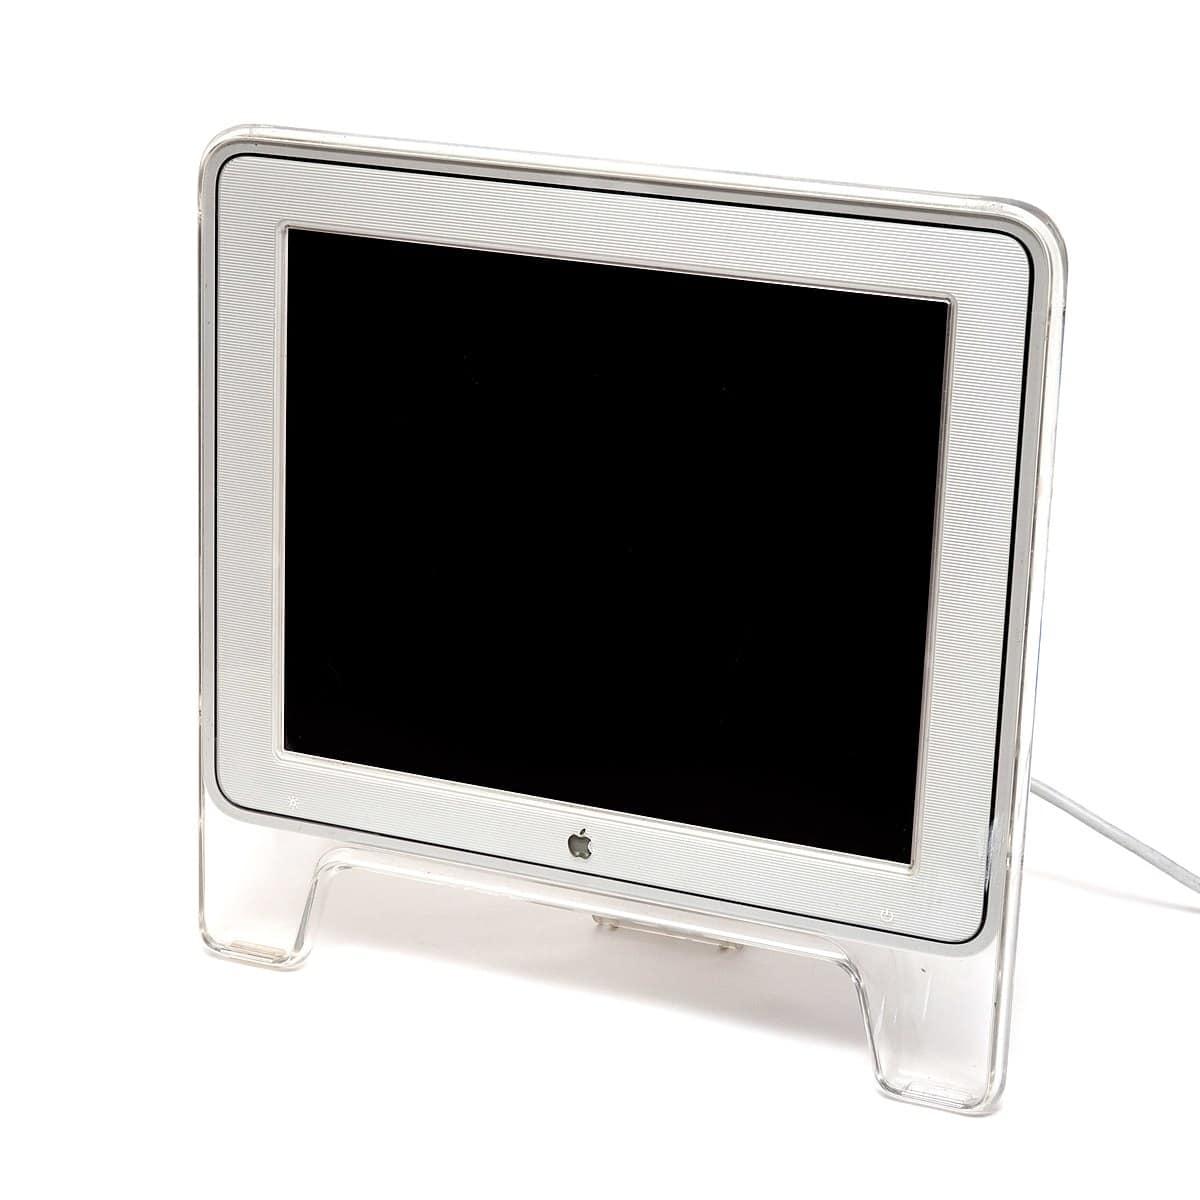 Apple Studio Display